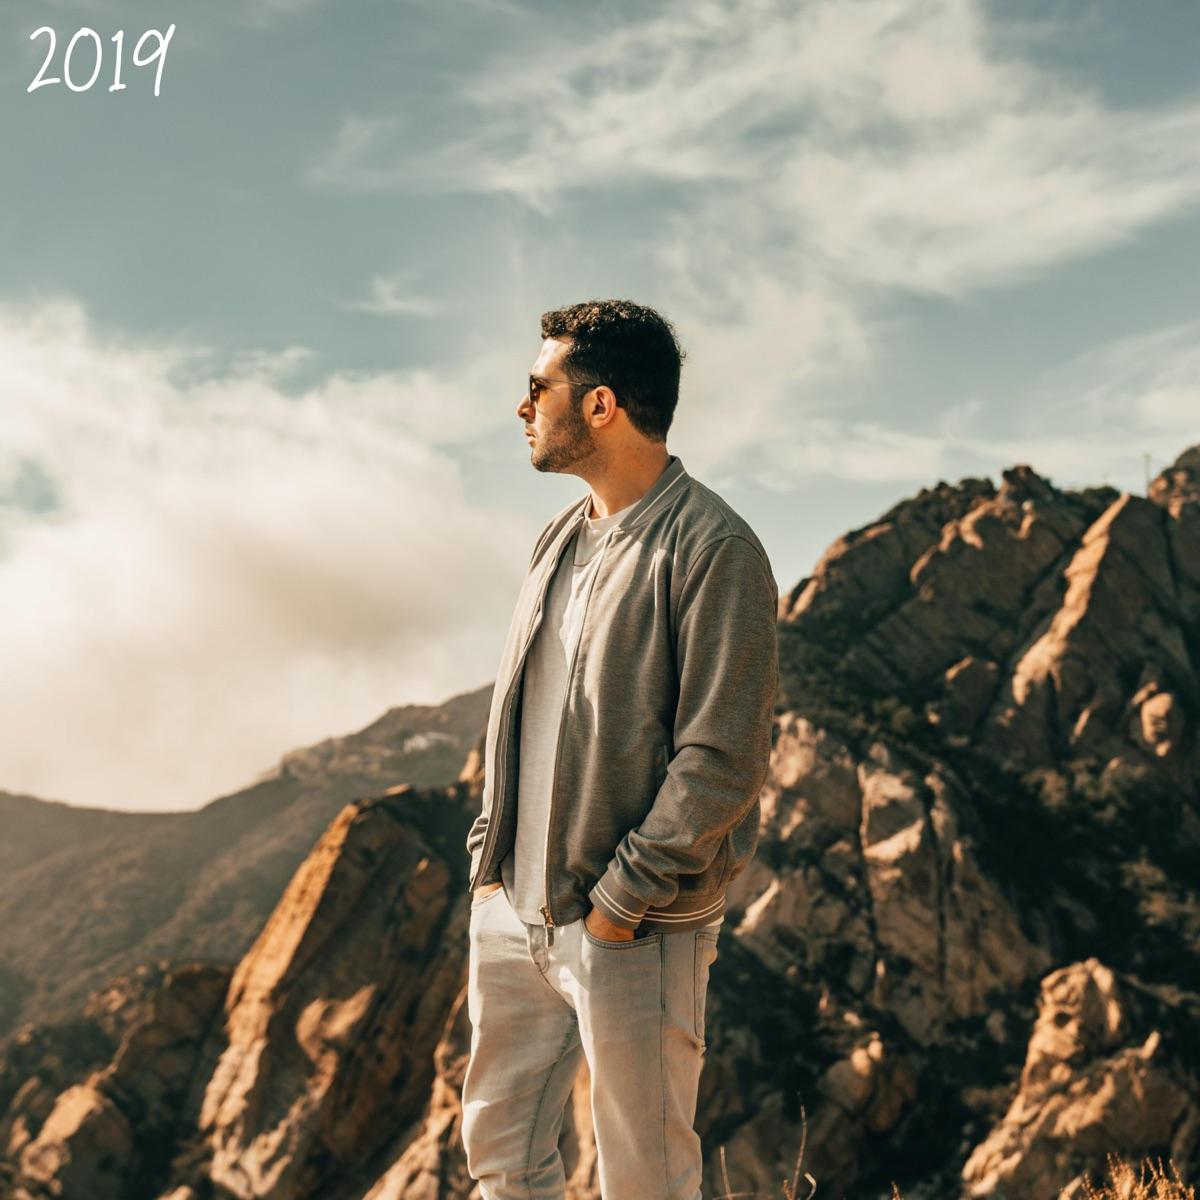 2019 - Single Album Cover by Bazanji